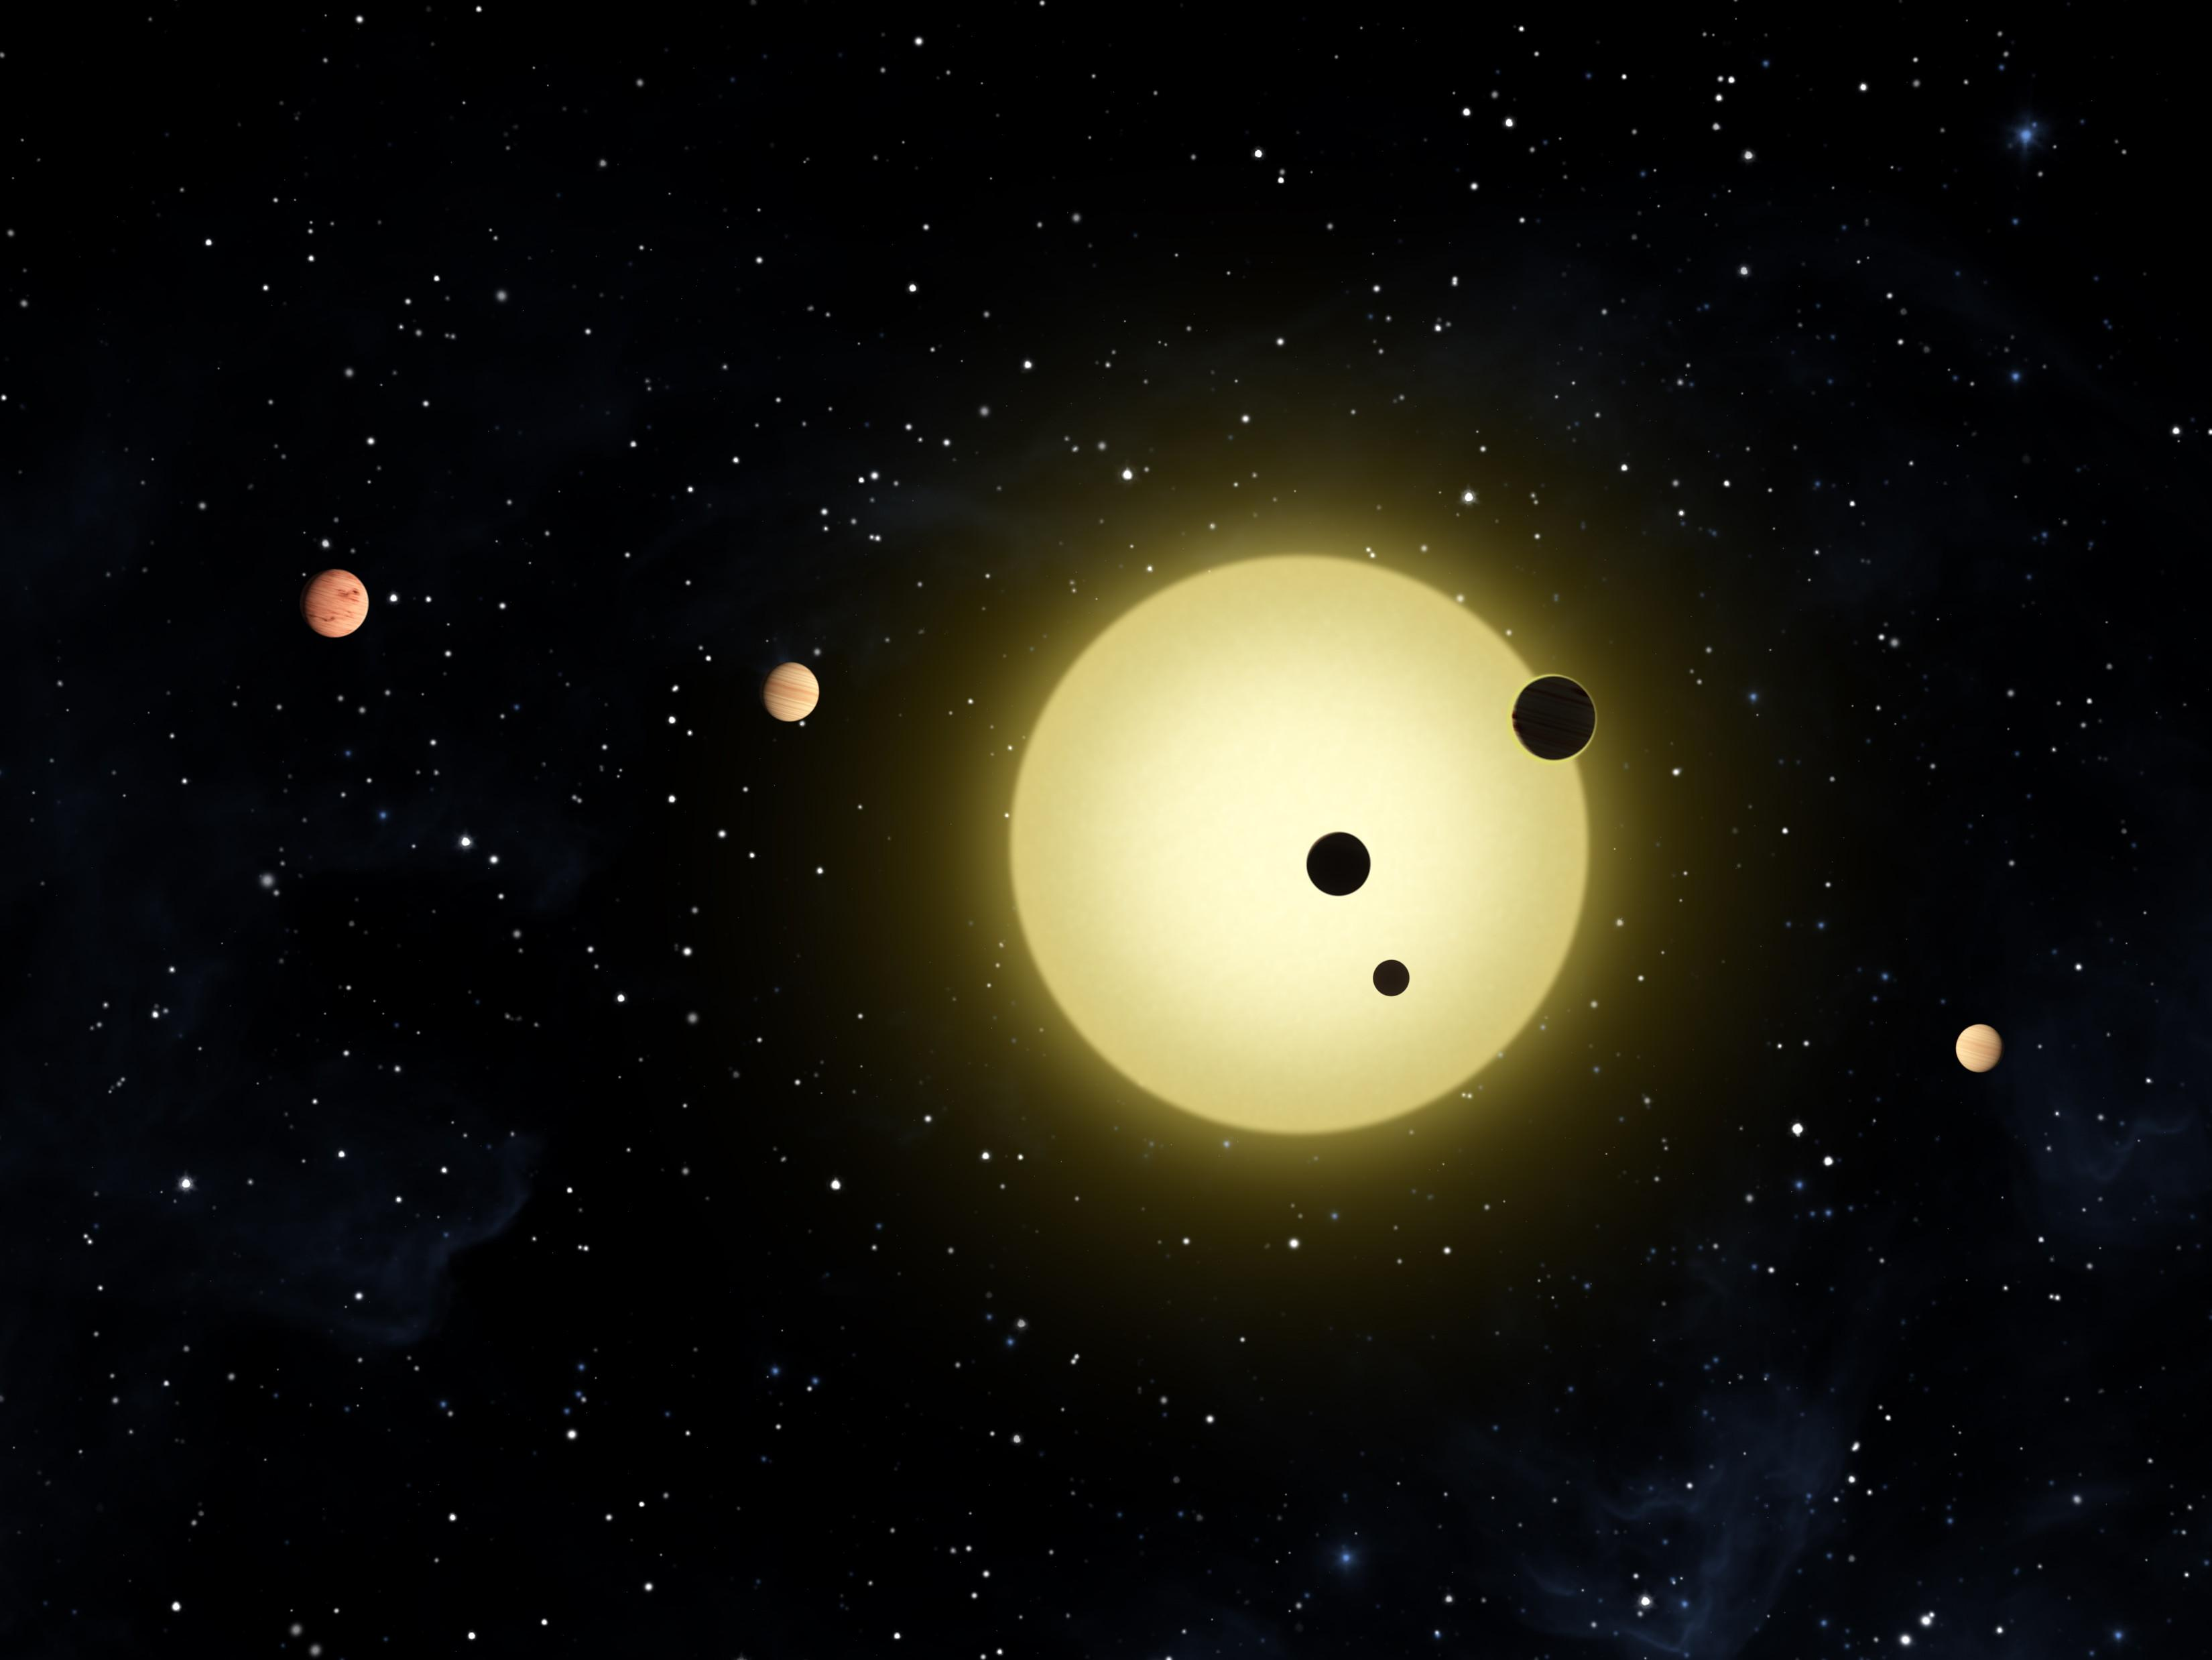 Vrijdag lezing bij Huygens over planeten bij andere sterren